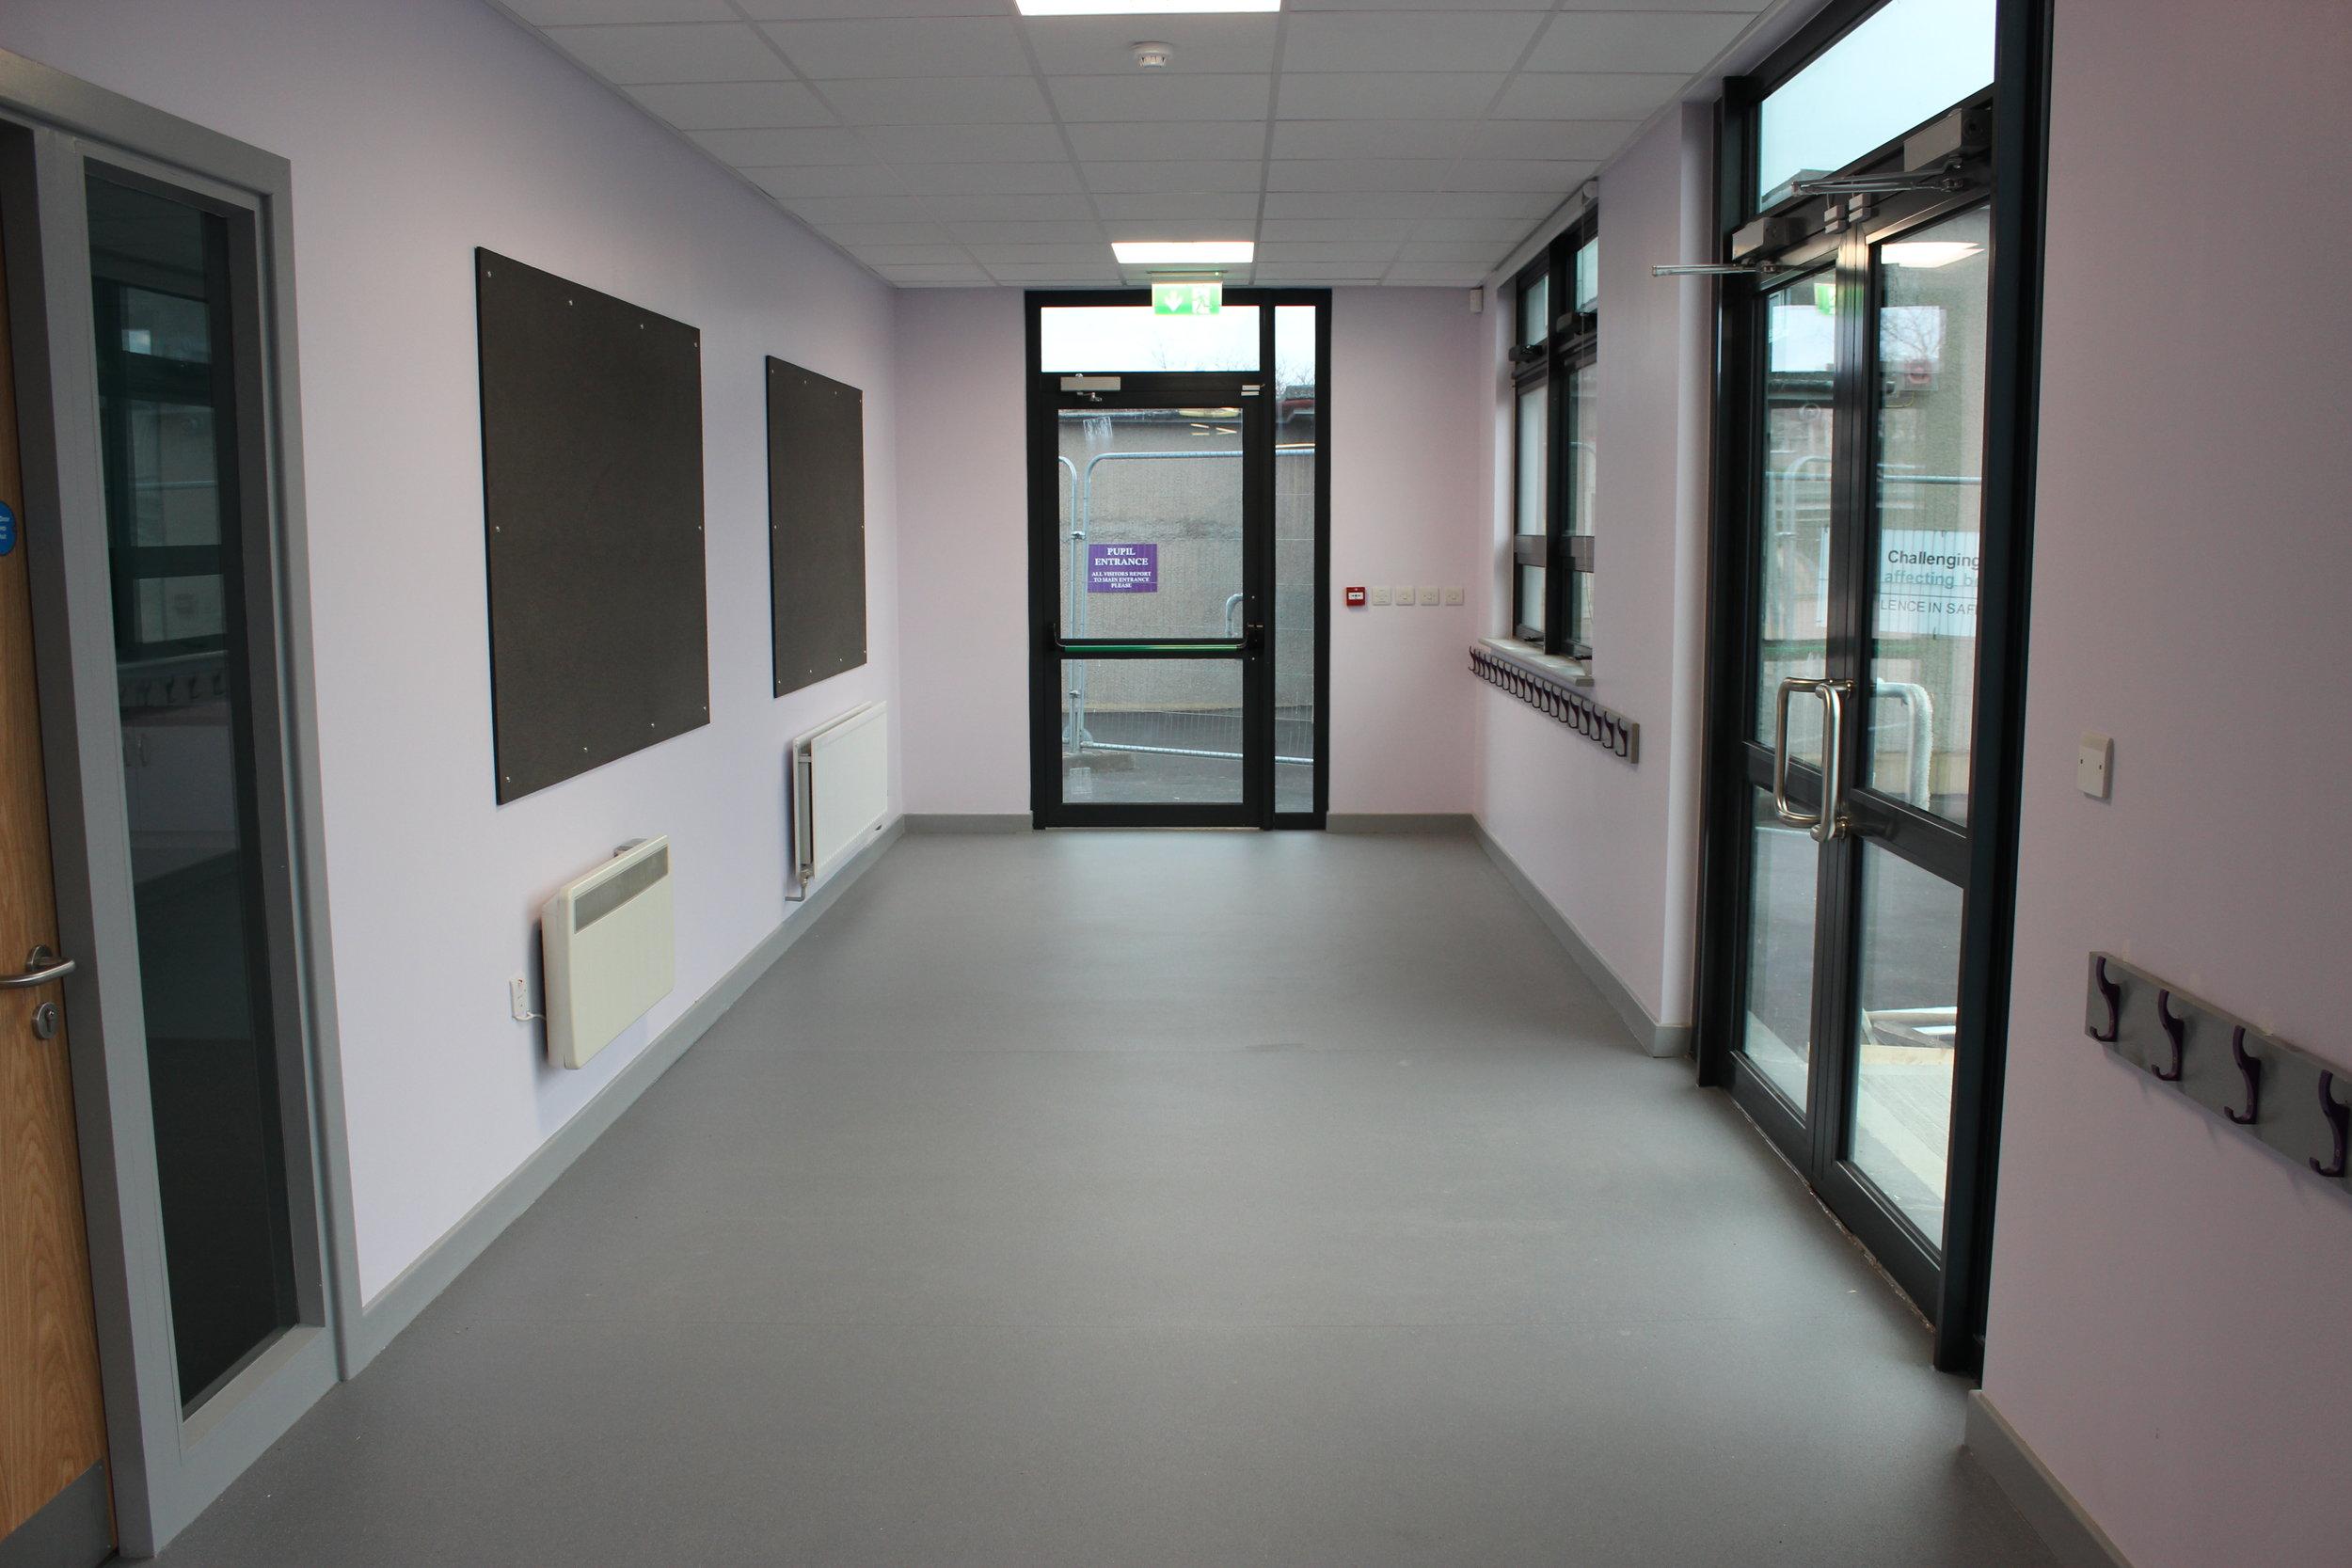 Seafield Primary School, Moray, Scotland    Read our case study